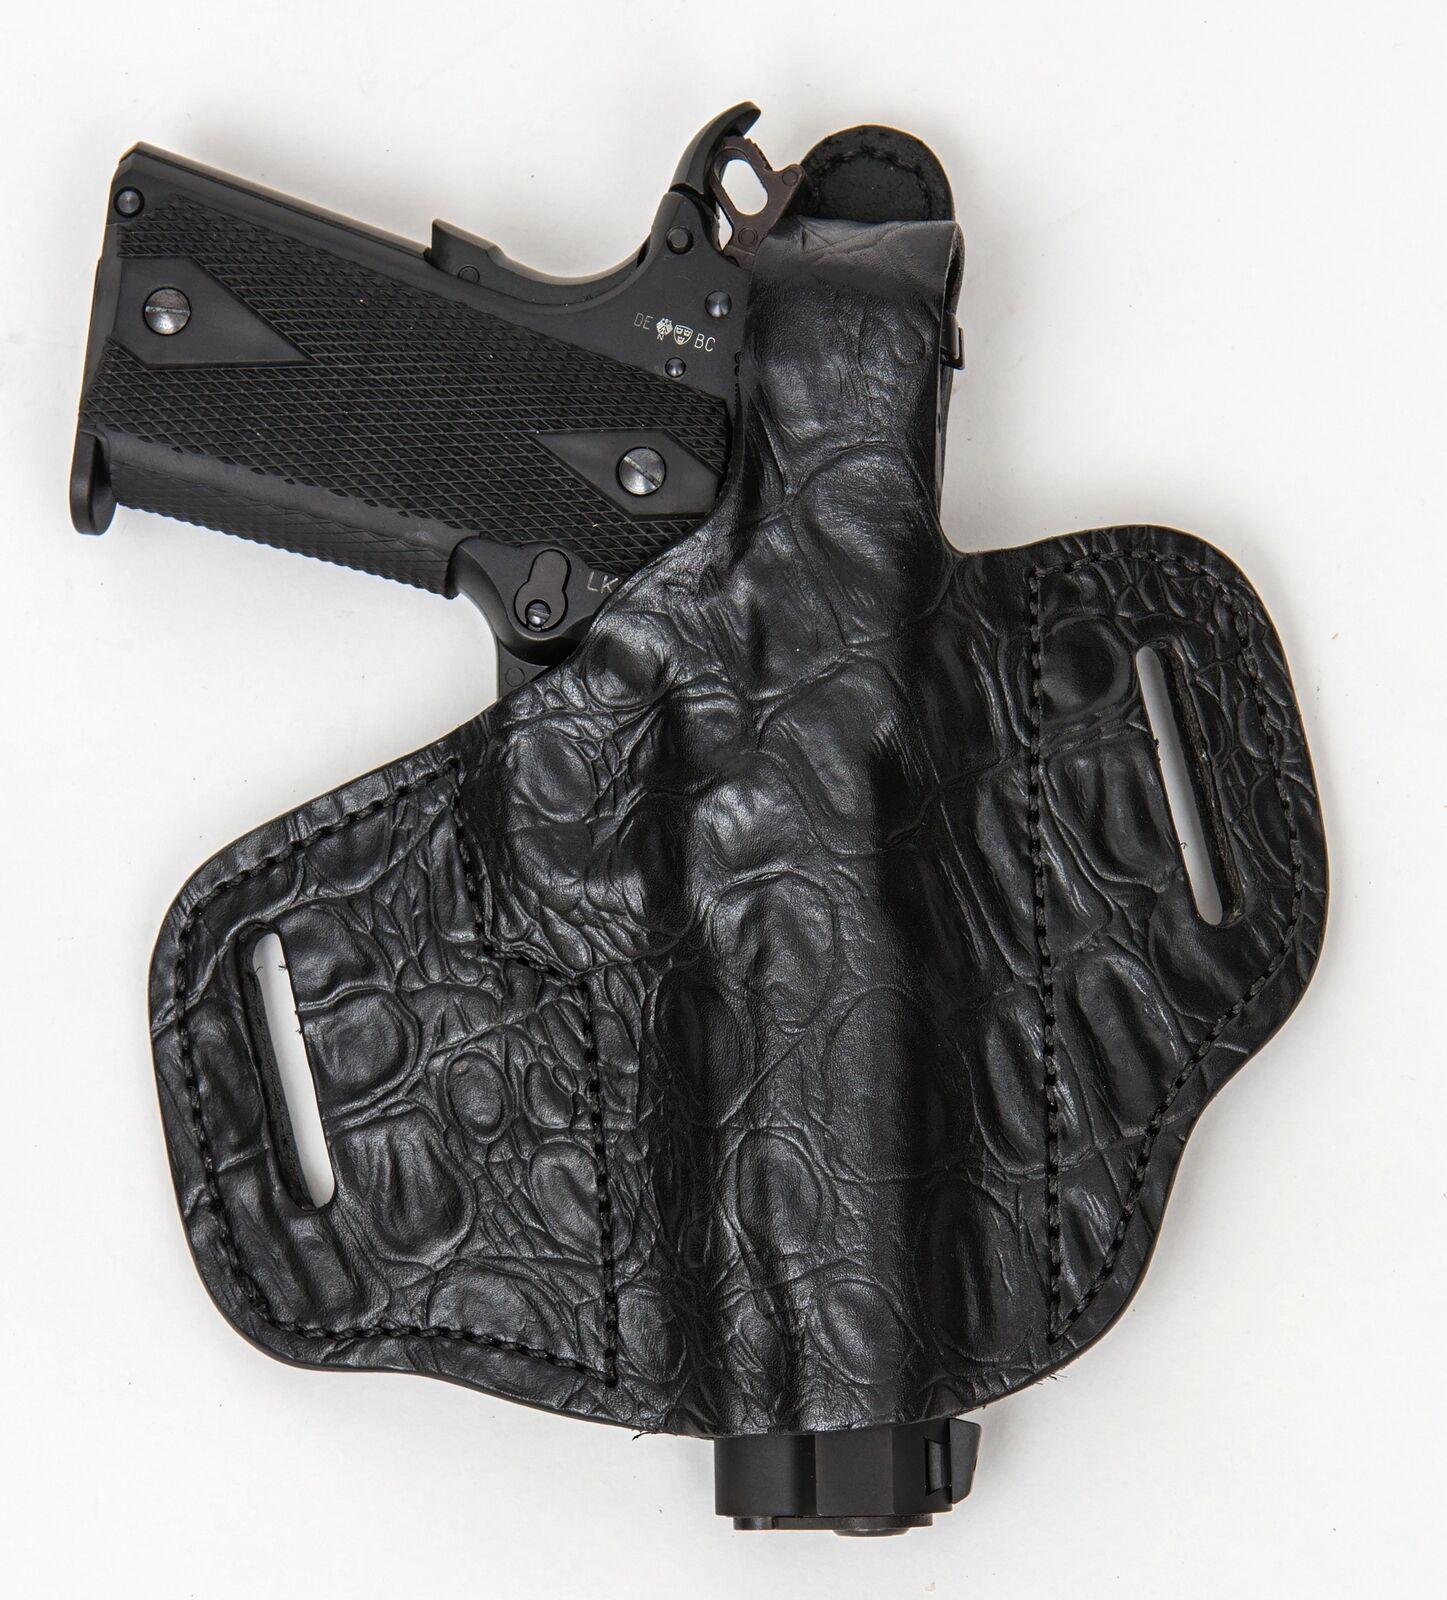 On Duty Conceal RH LH OWB Leder Gun Holster For Sig Sauer P228 P229